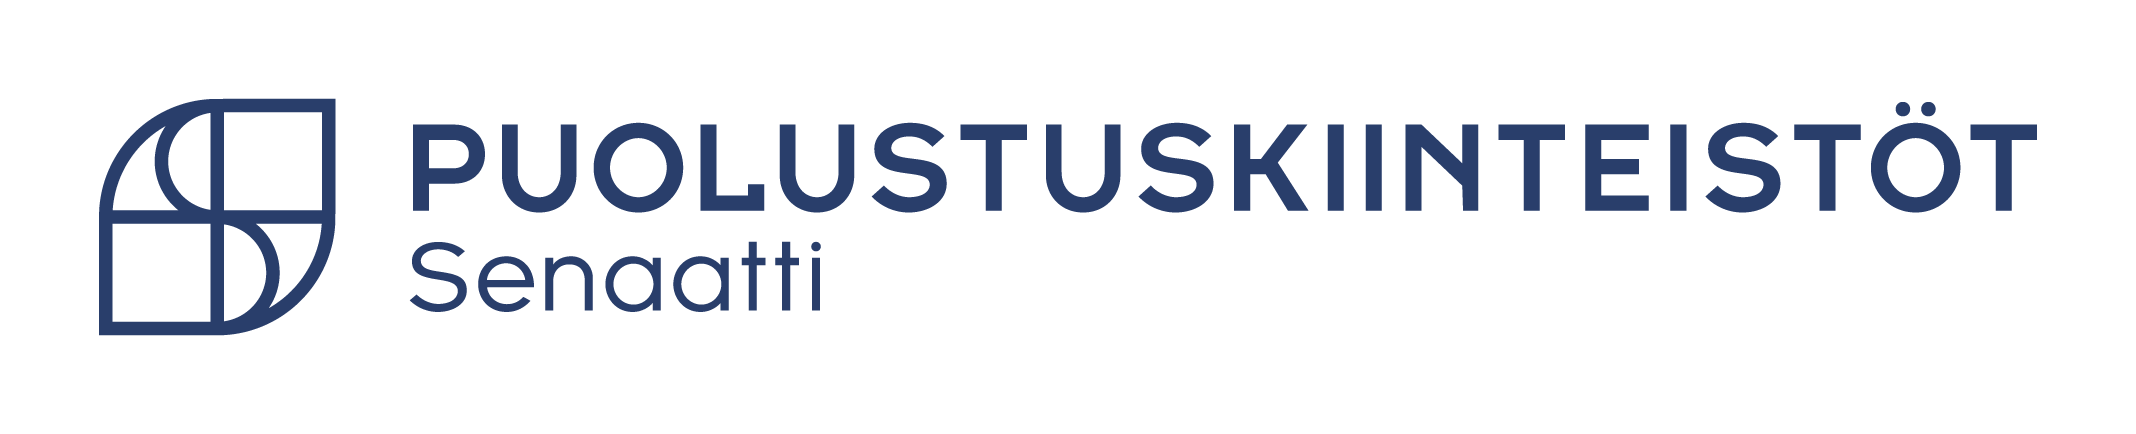 logo: Puolustuskiinteistöt